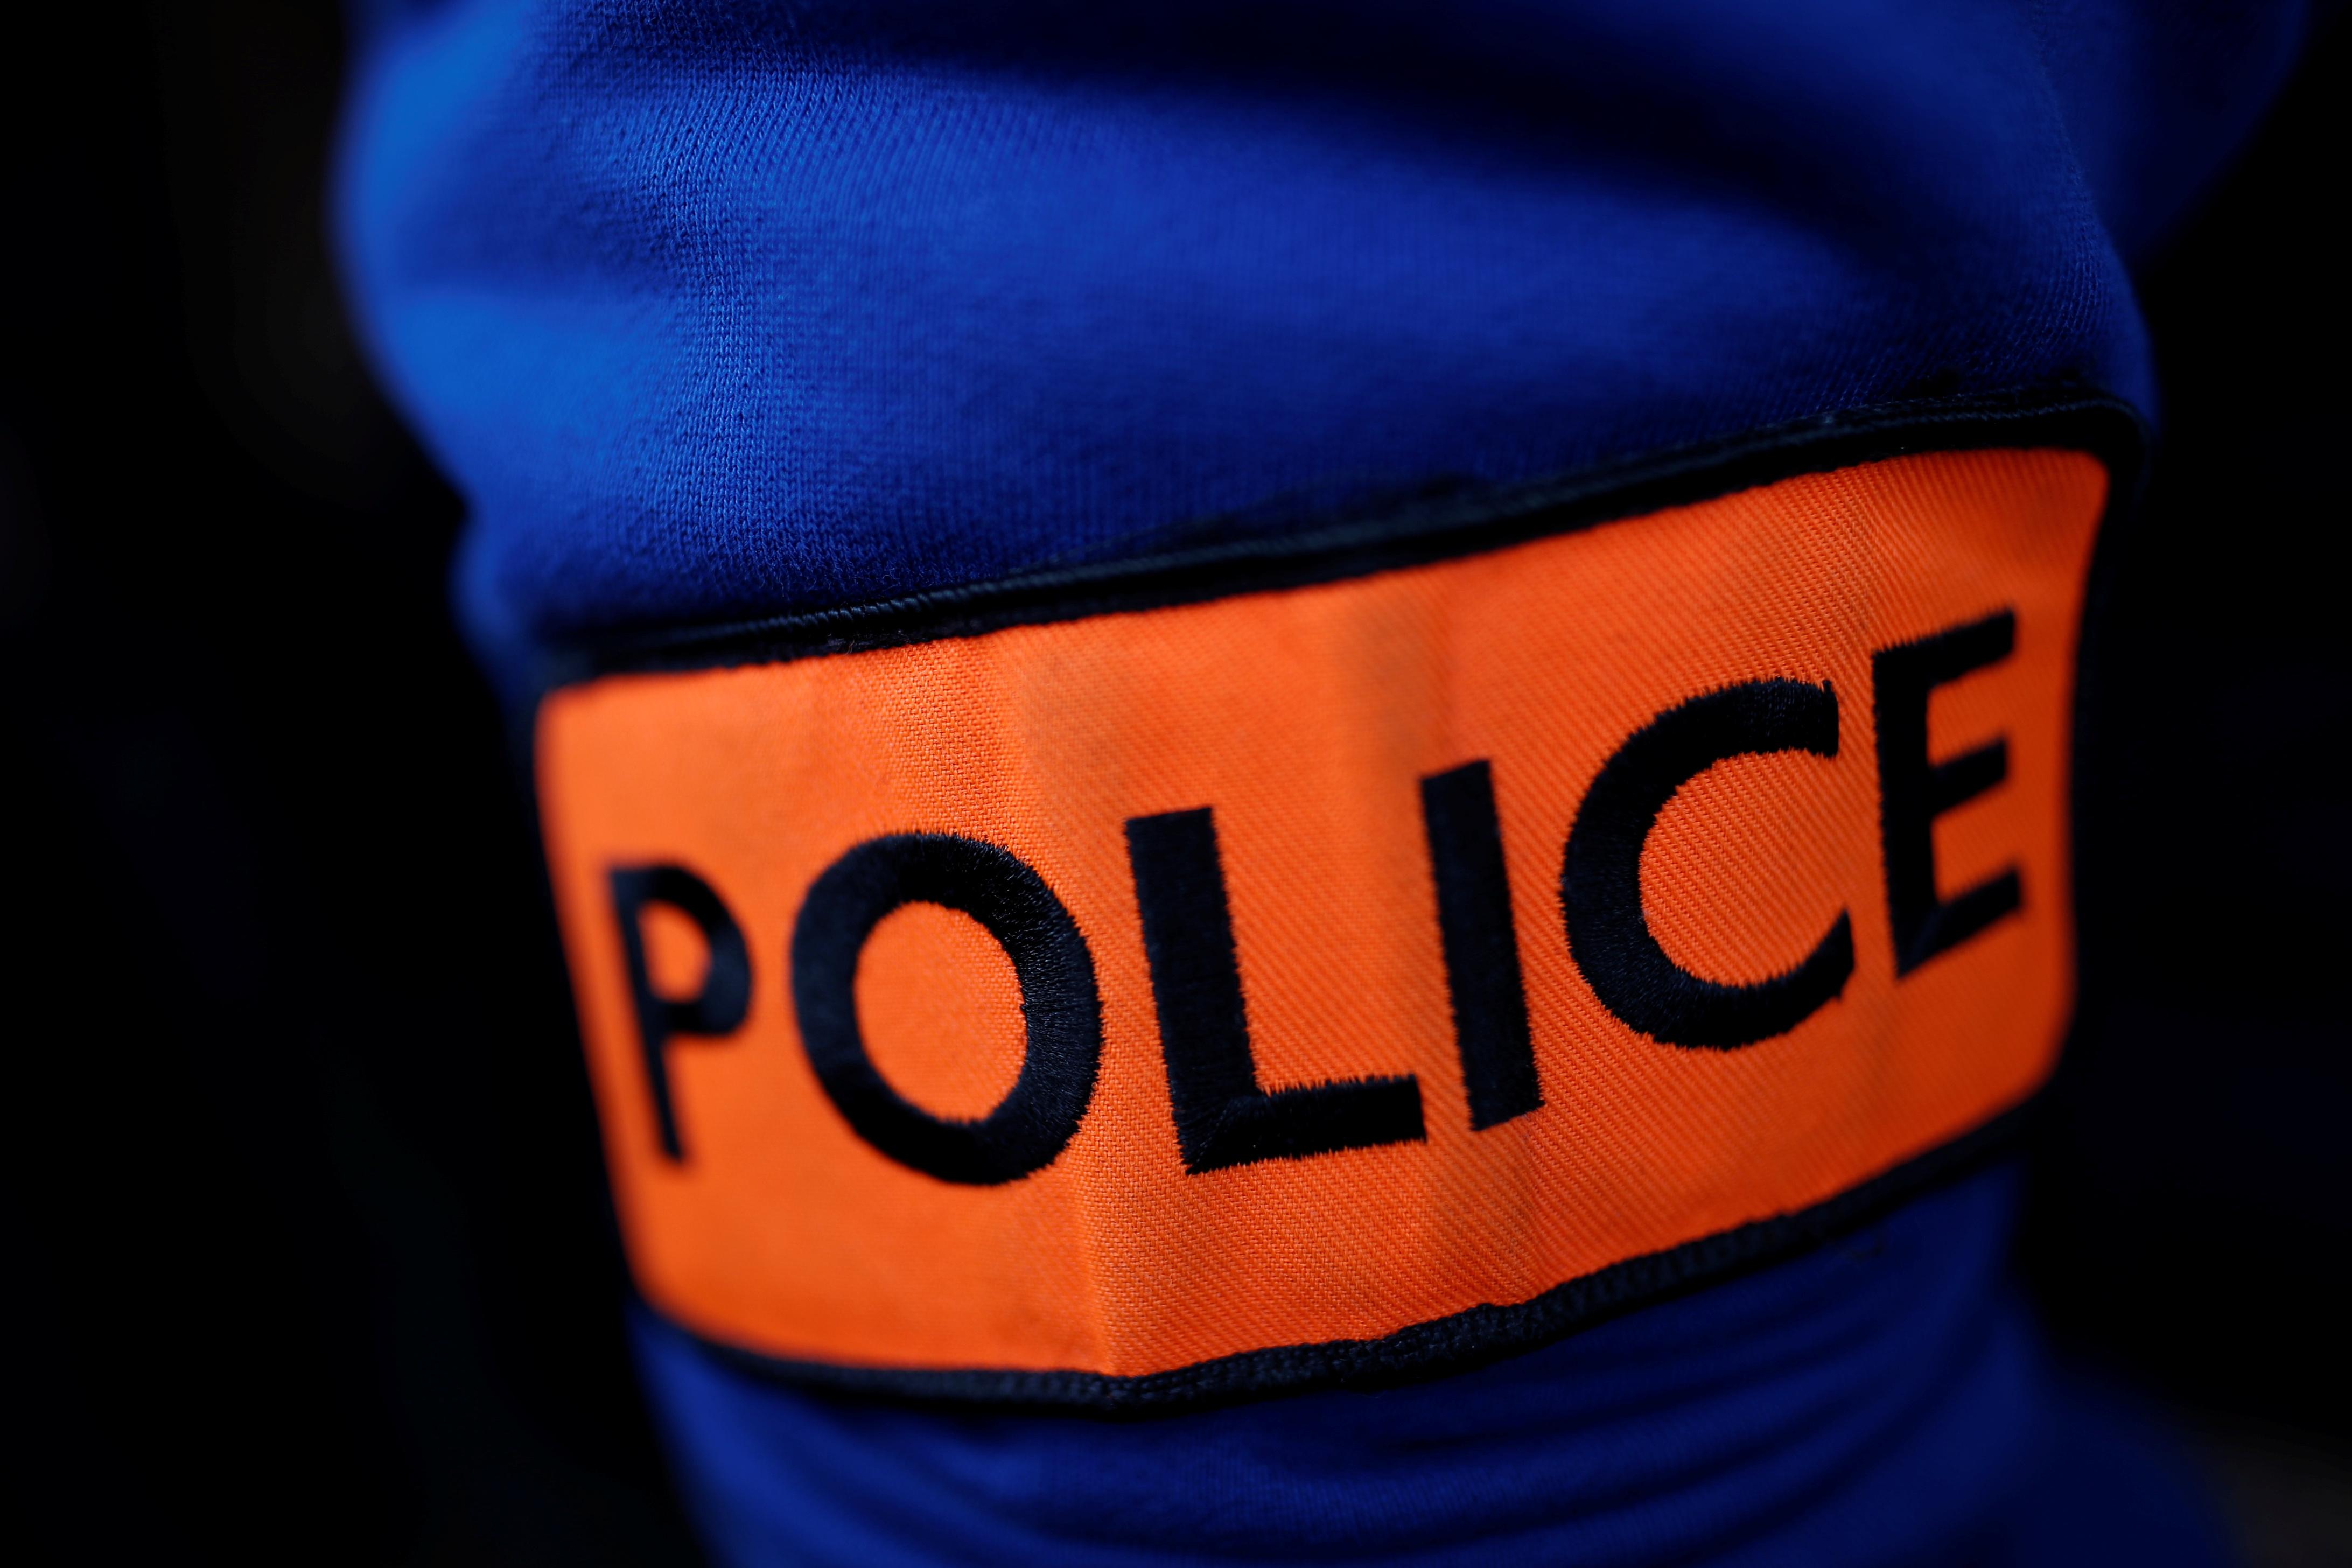 """La police a interpellé samedi plusieurs personnes à Marseille après des affrontements avec des manifestants qui ont éclaté à la fin d'un cortège """"contre l'habitat indigne"""" organisé pour les un an de l'effondrement de deux immeubles de la rue d'Aubagne qui avait fait huit morts, a constaté Reuters sur place /Photo prise le 2 octobre 2019/REUTERS/Christian Hartmann"""